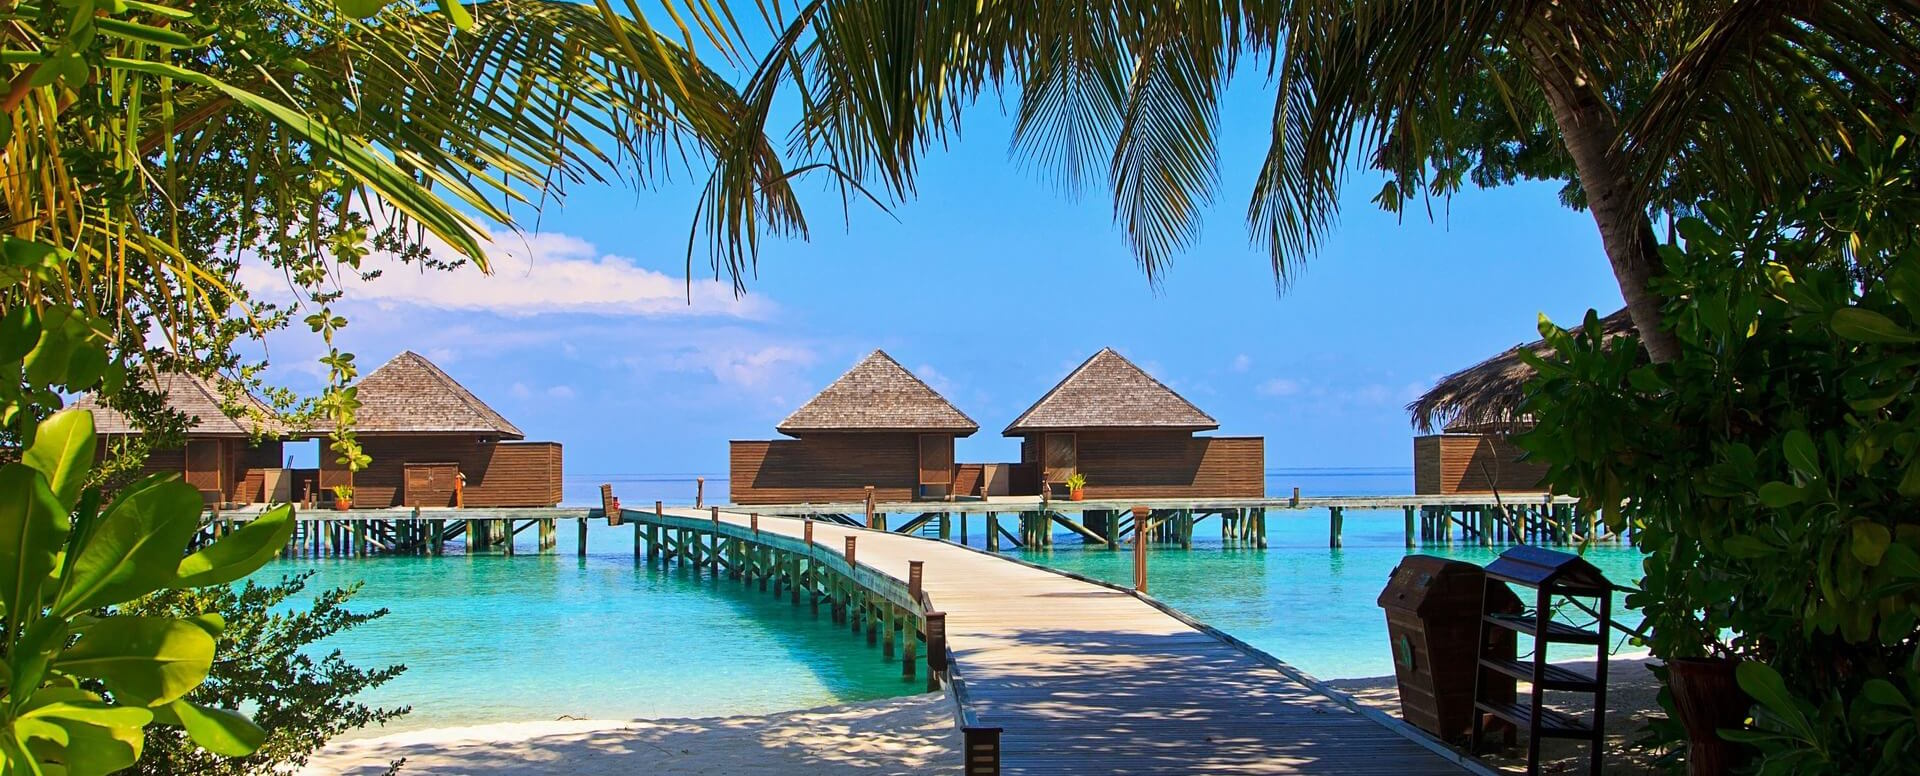 Culture et traditions aux Maldives - Maldives